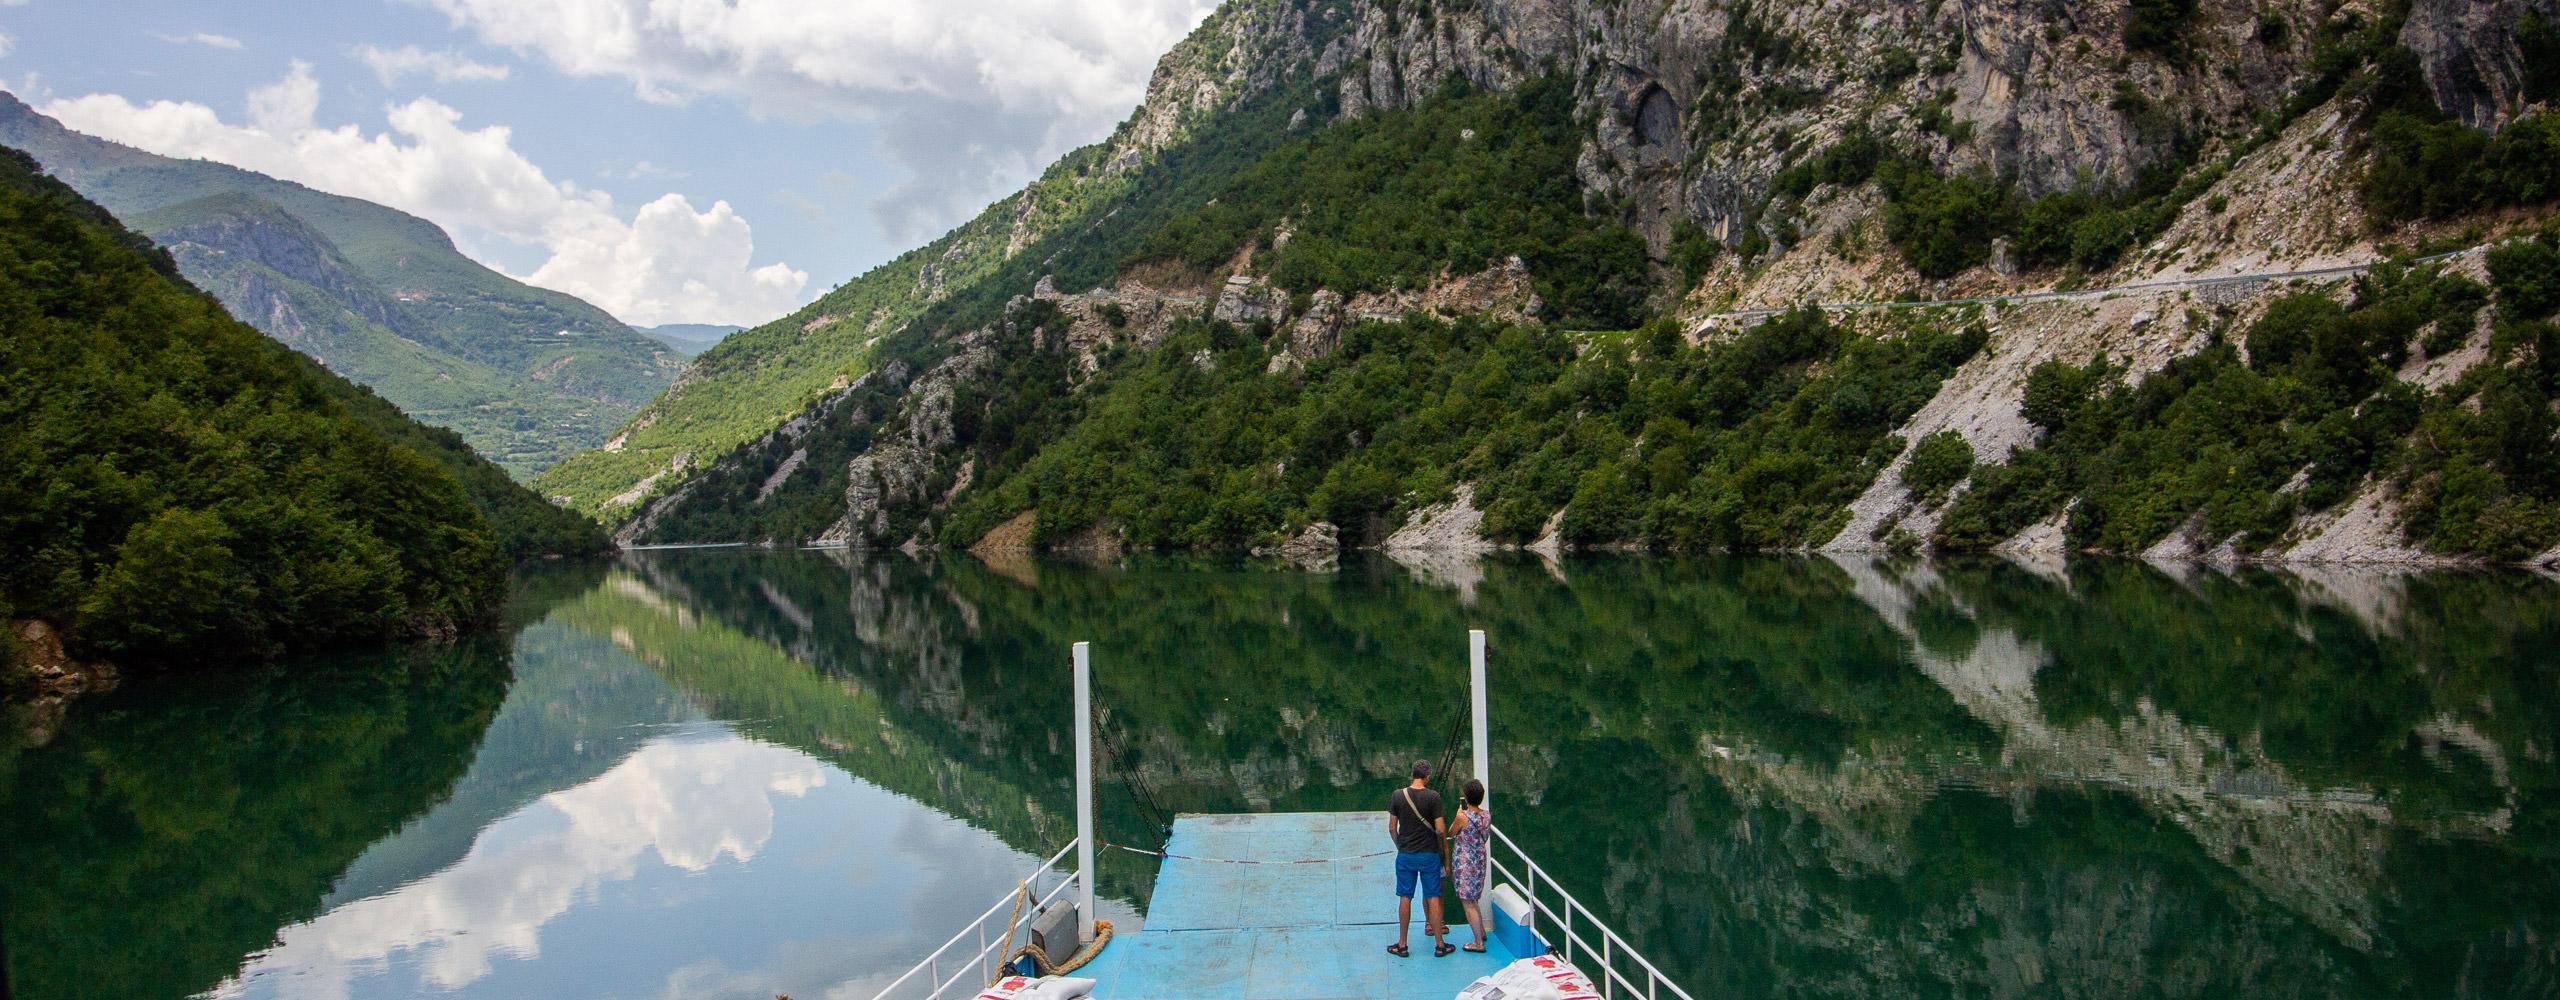 טיול ג'יפים לאלבניה - 7 ימים - אל האלפים האלבנים בסוכות